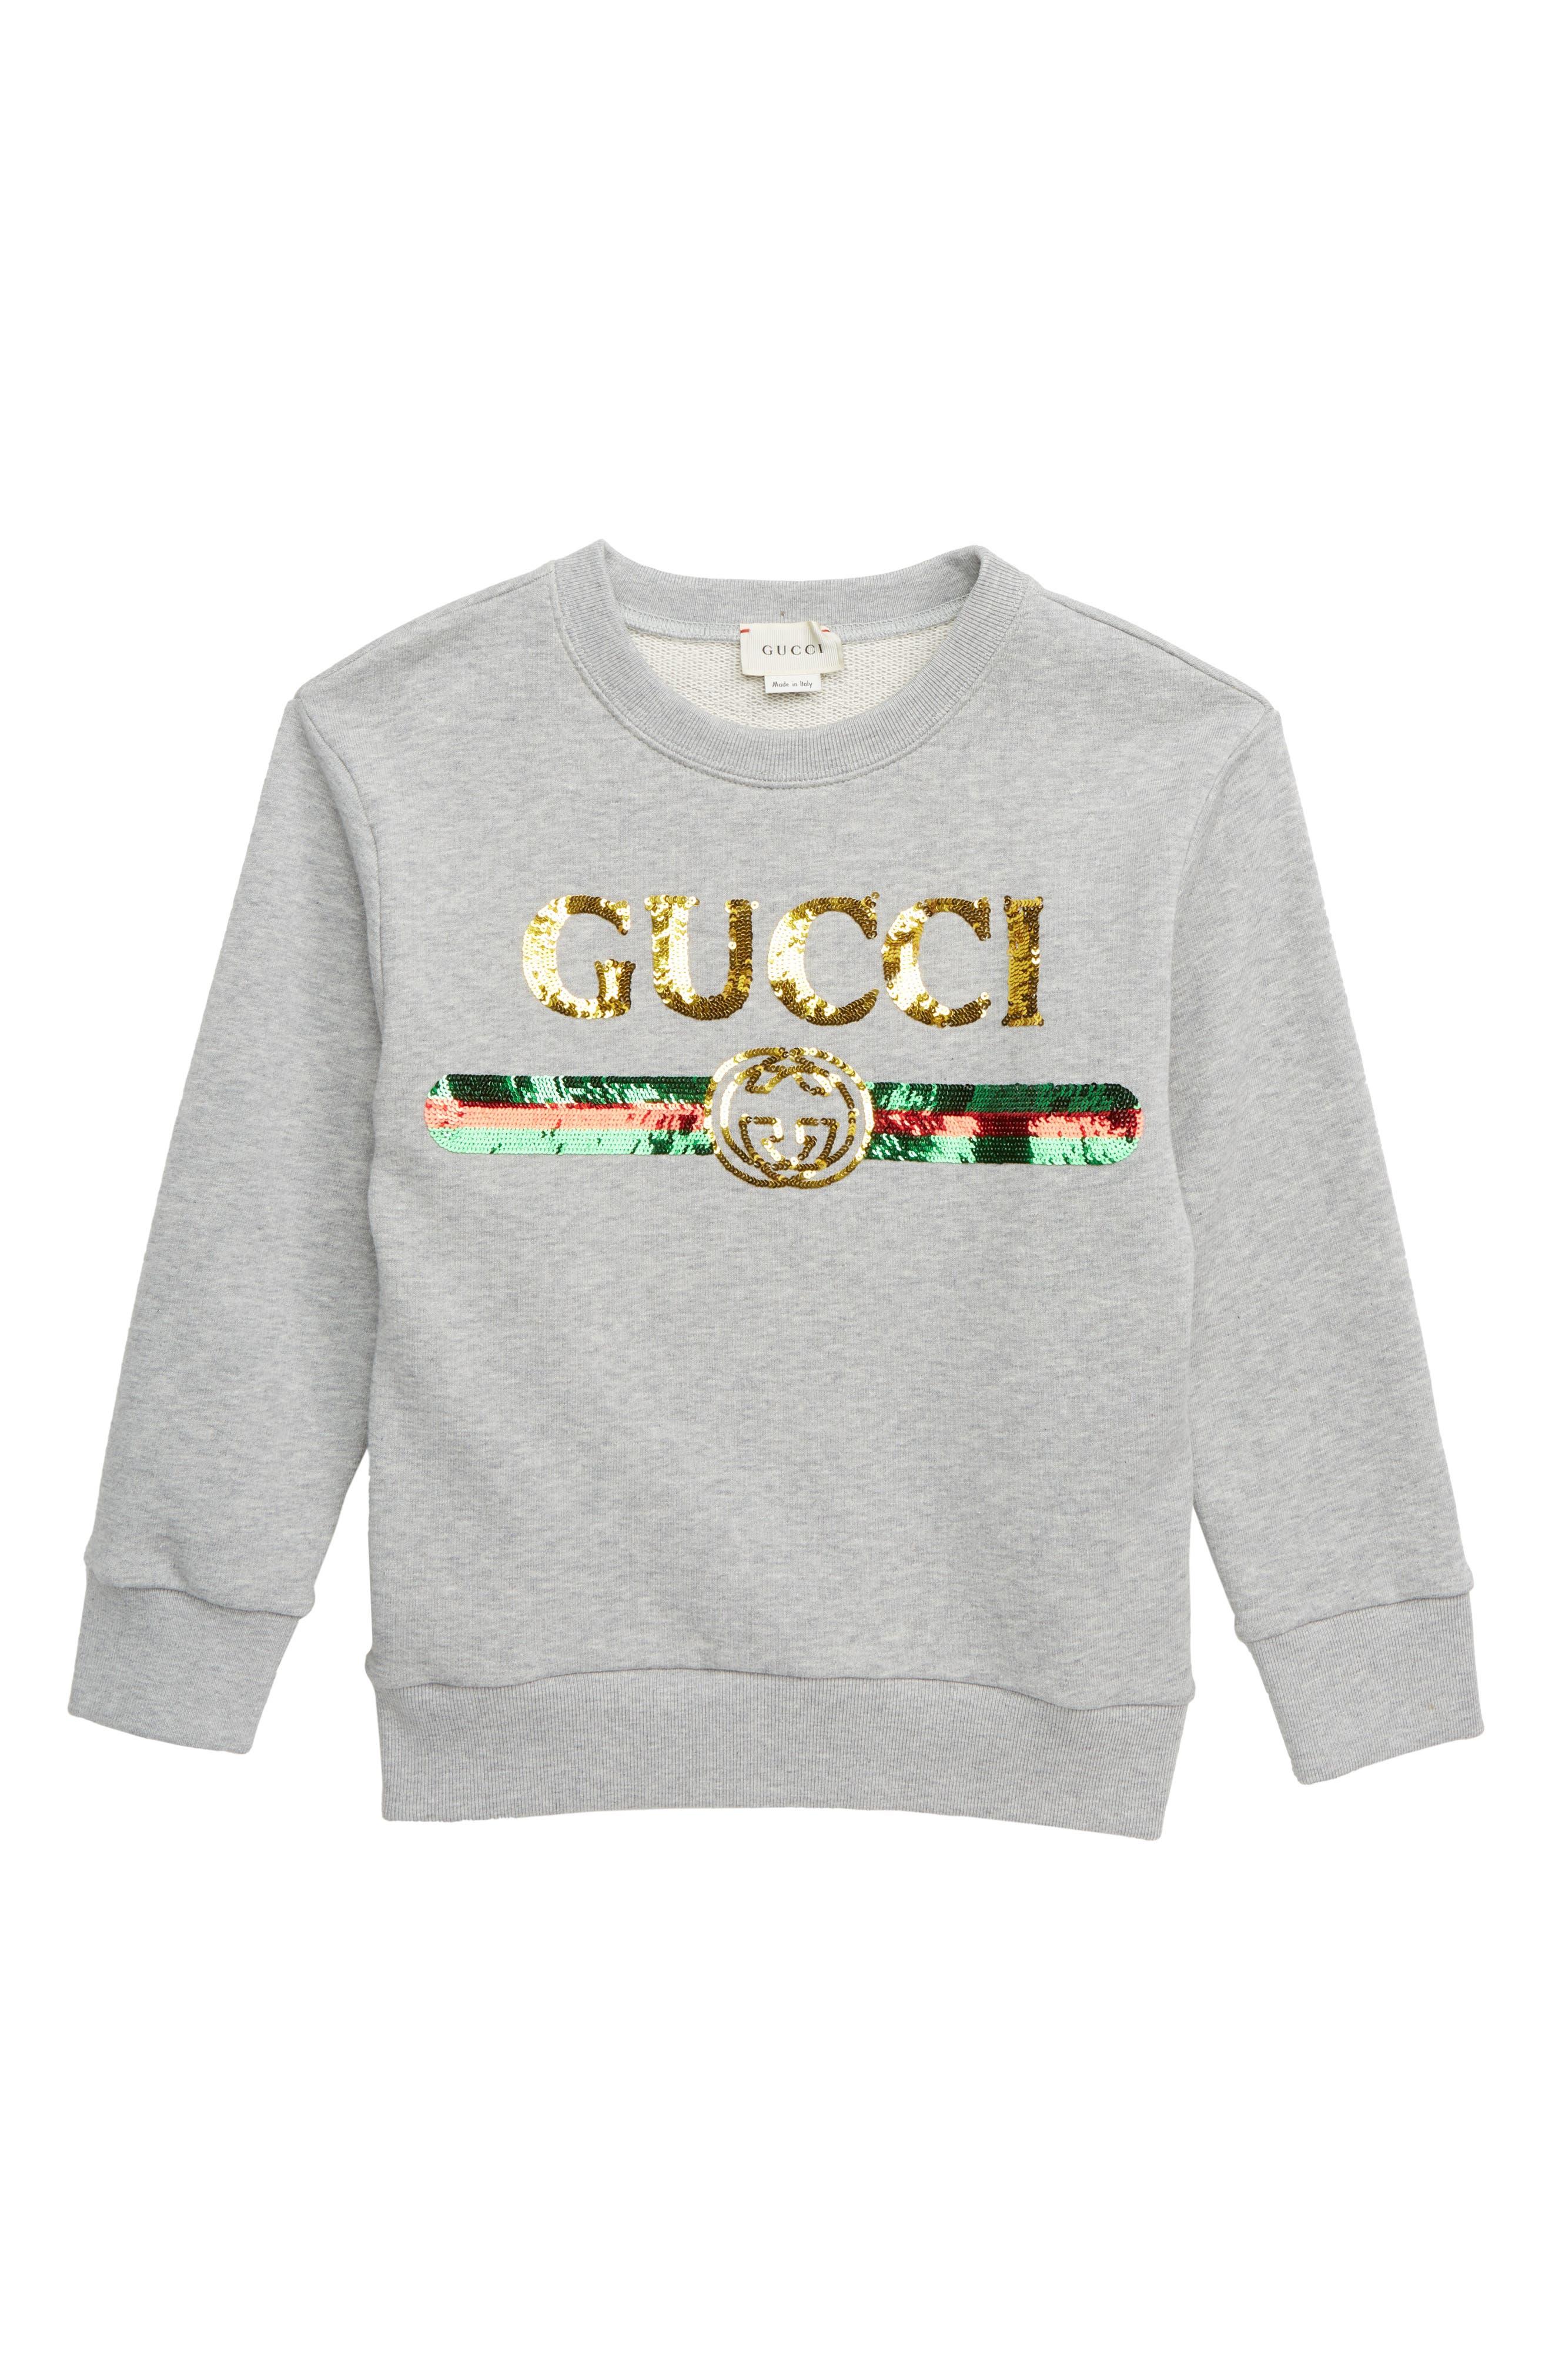 GUCCI Embellished Sweatshirt, Main, color, LIGHT GREY MELANGE